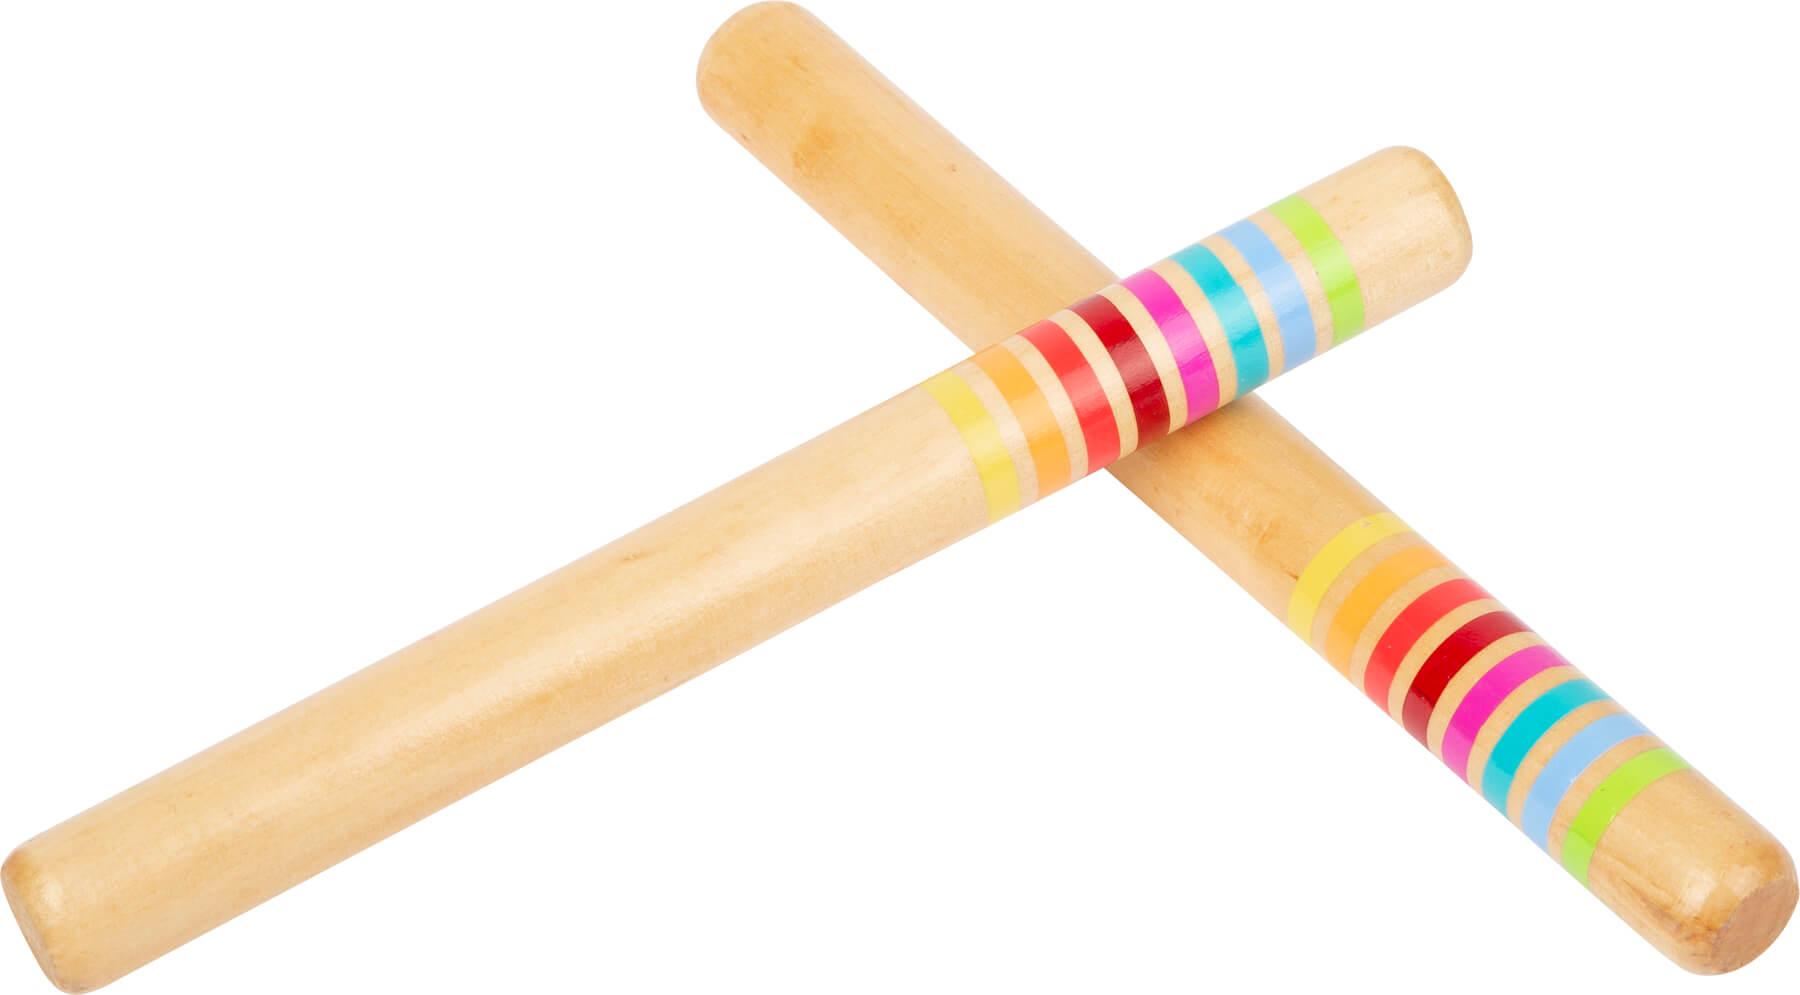 Paus de Percussão Colorido